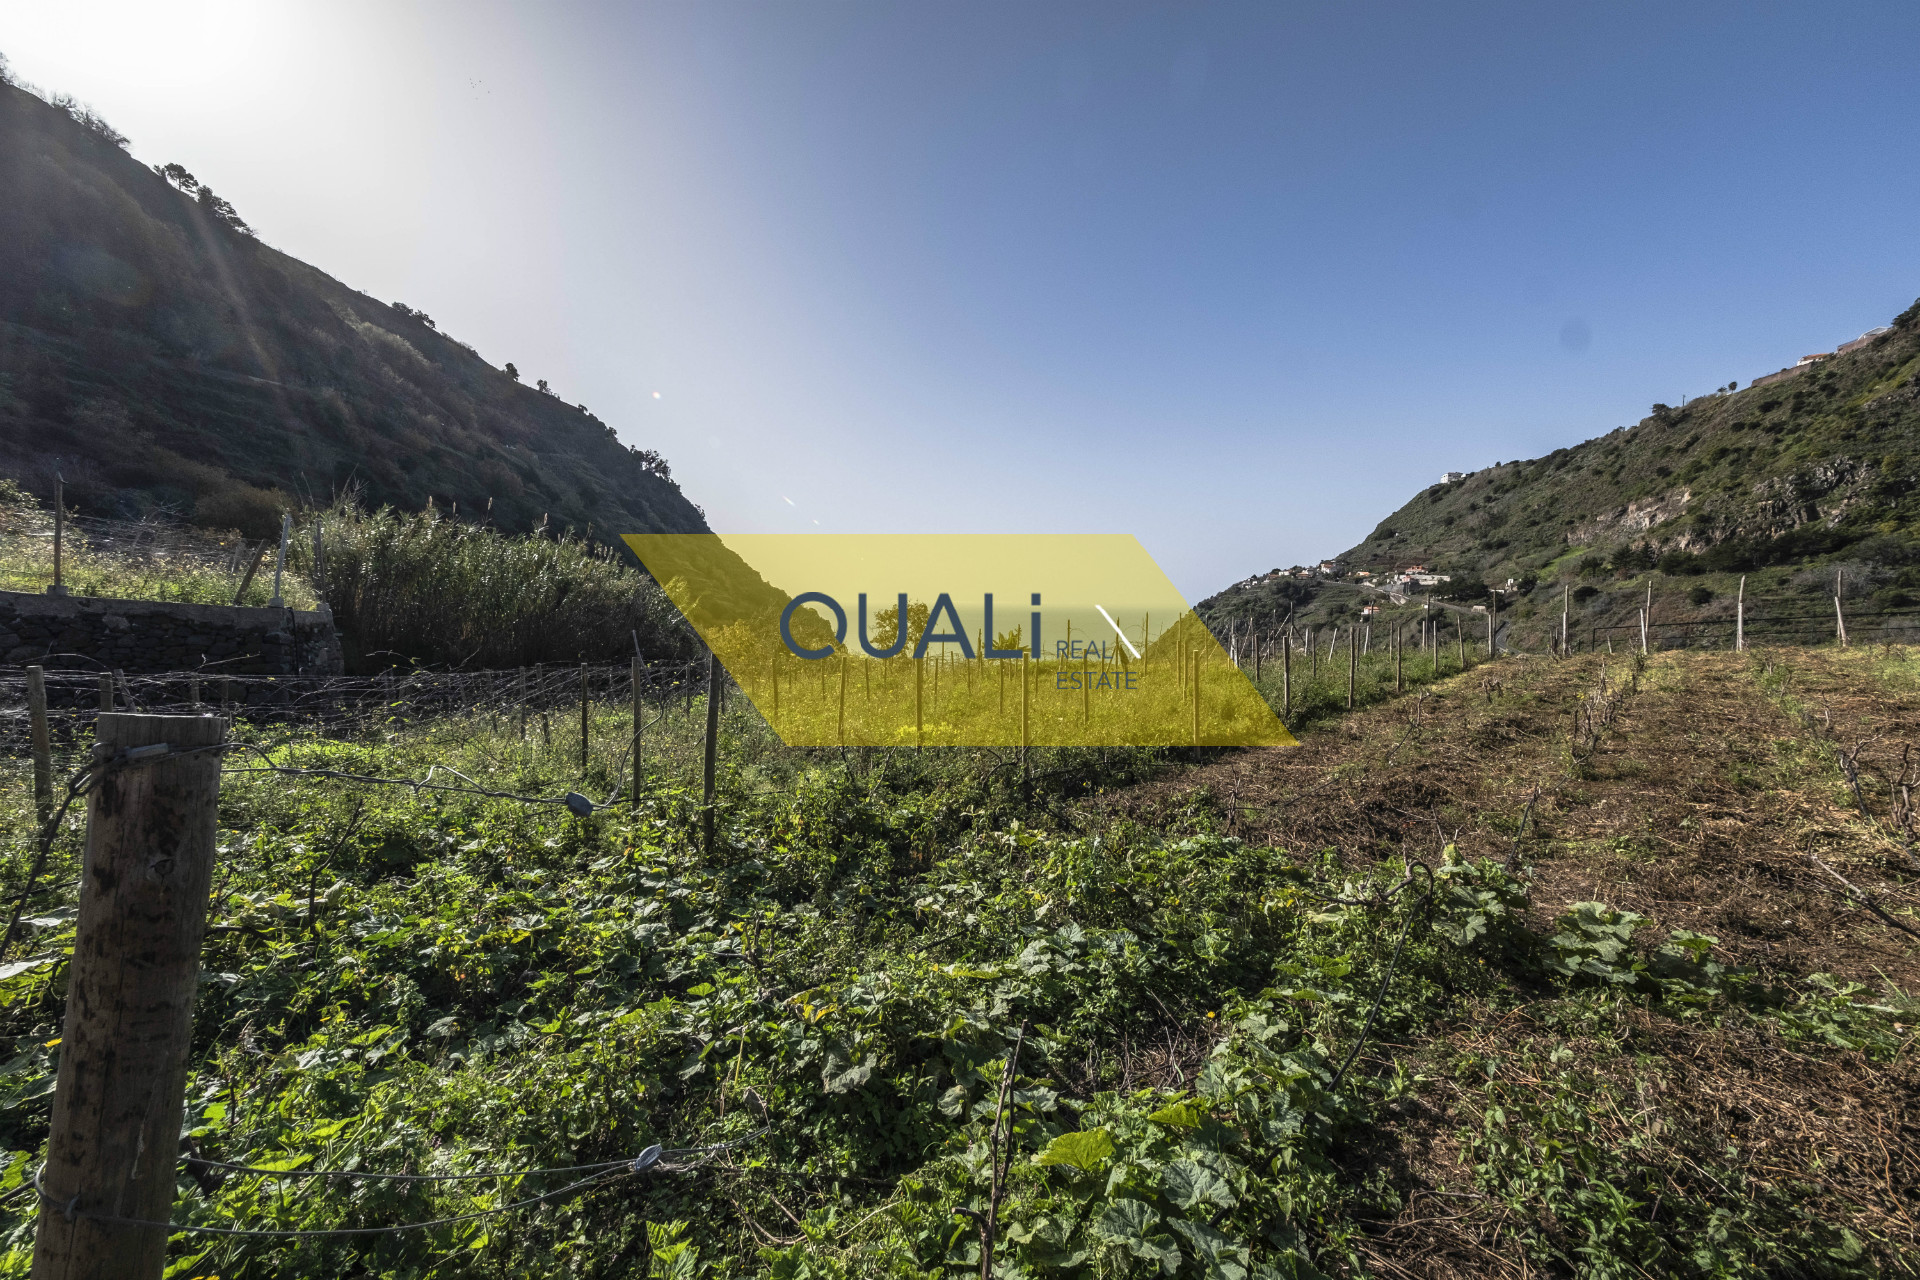 Prédio misto com possibilidade de investimento para Turismo Rural - €188.000,00